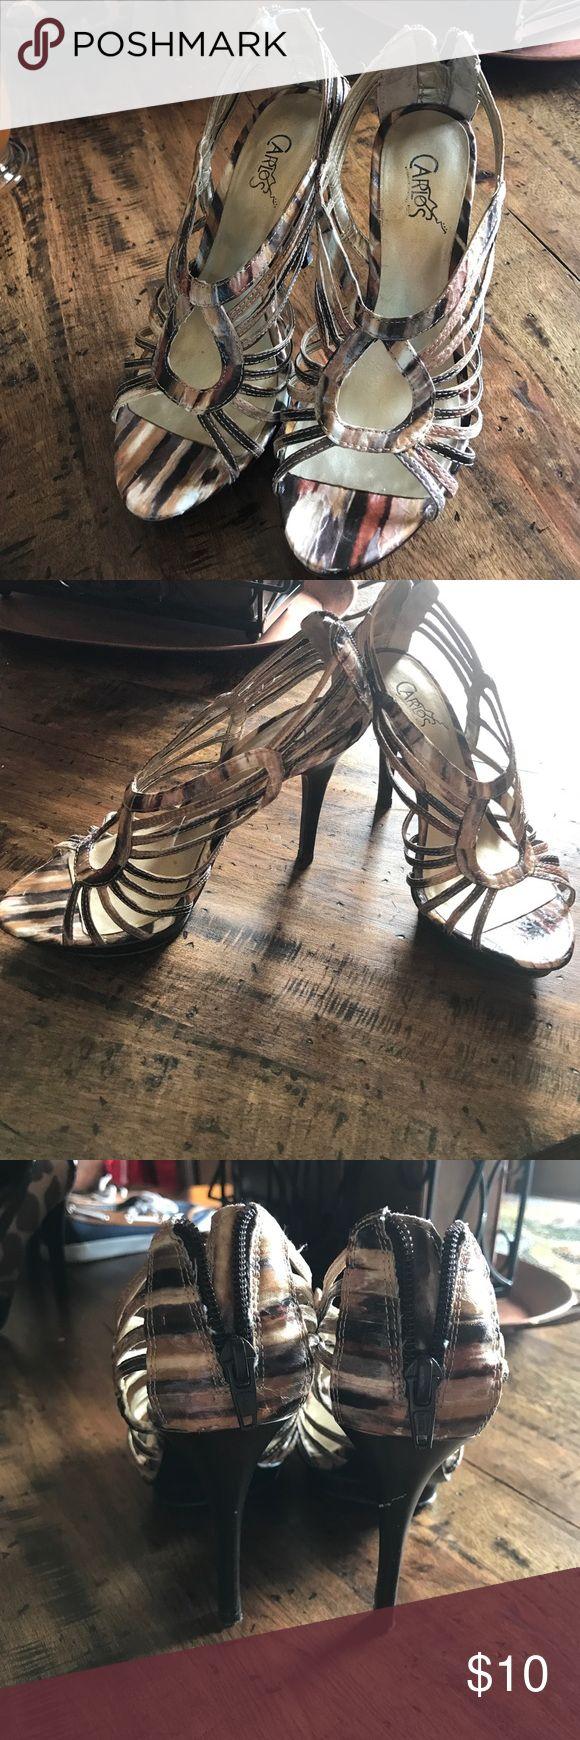 Zipper back Carlos Santana Heels Super cute strappy zipper back Carlos Santana heels. Carlos Santana Shoes Heels